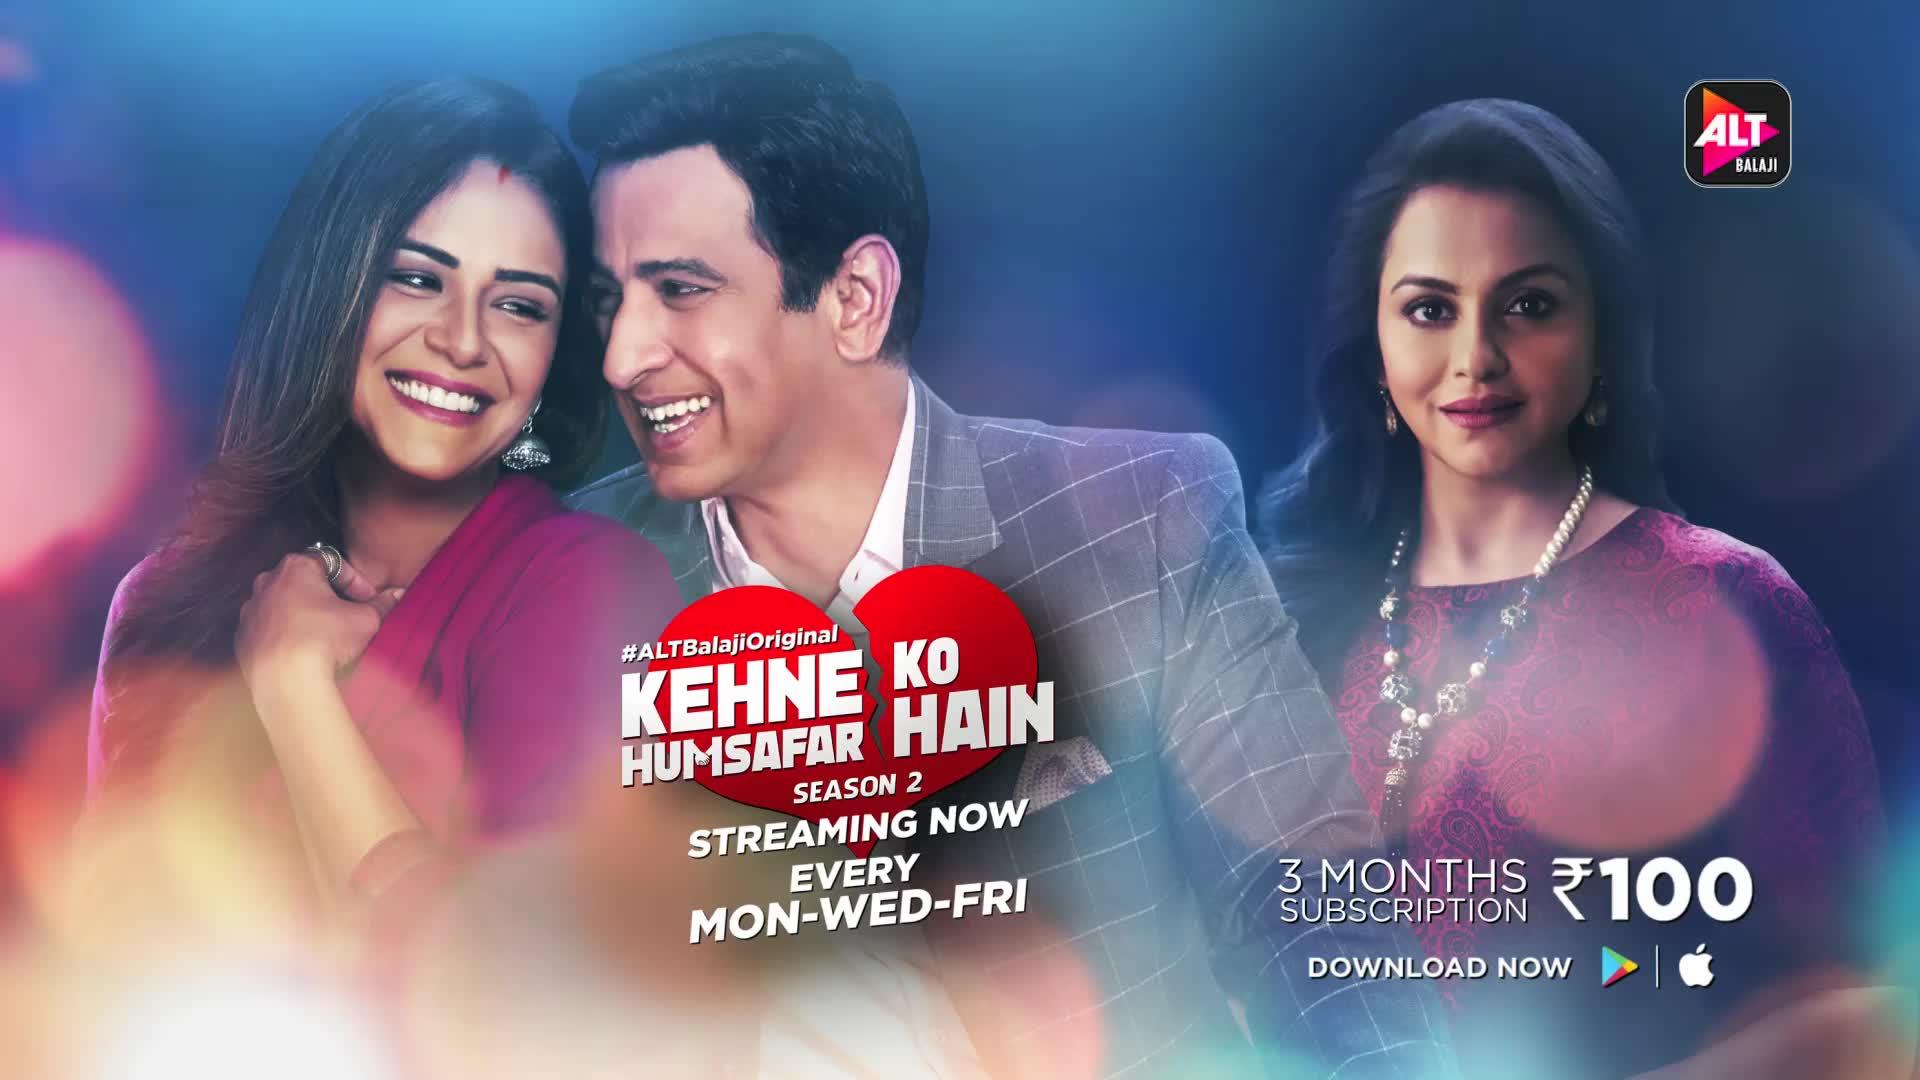 ALTBalaji | Kehne Ko Humsafar Hain - Season 2 | Official trailer